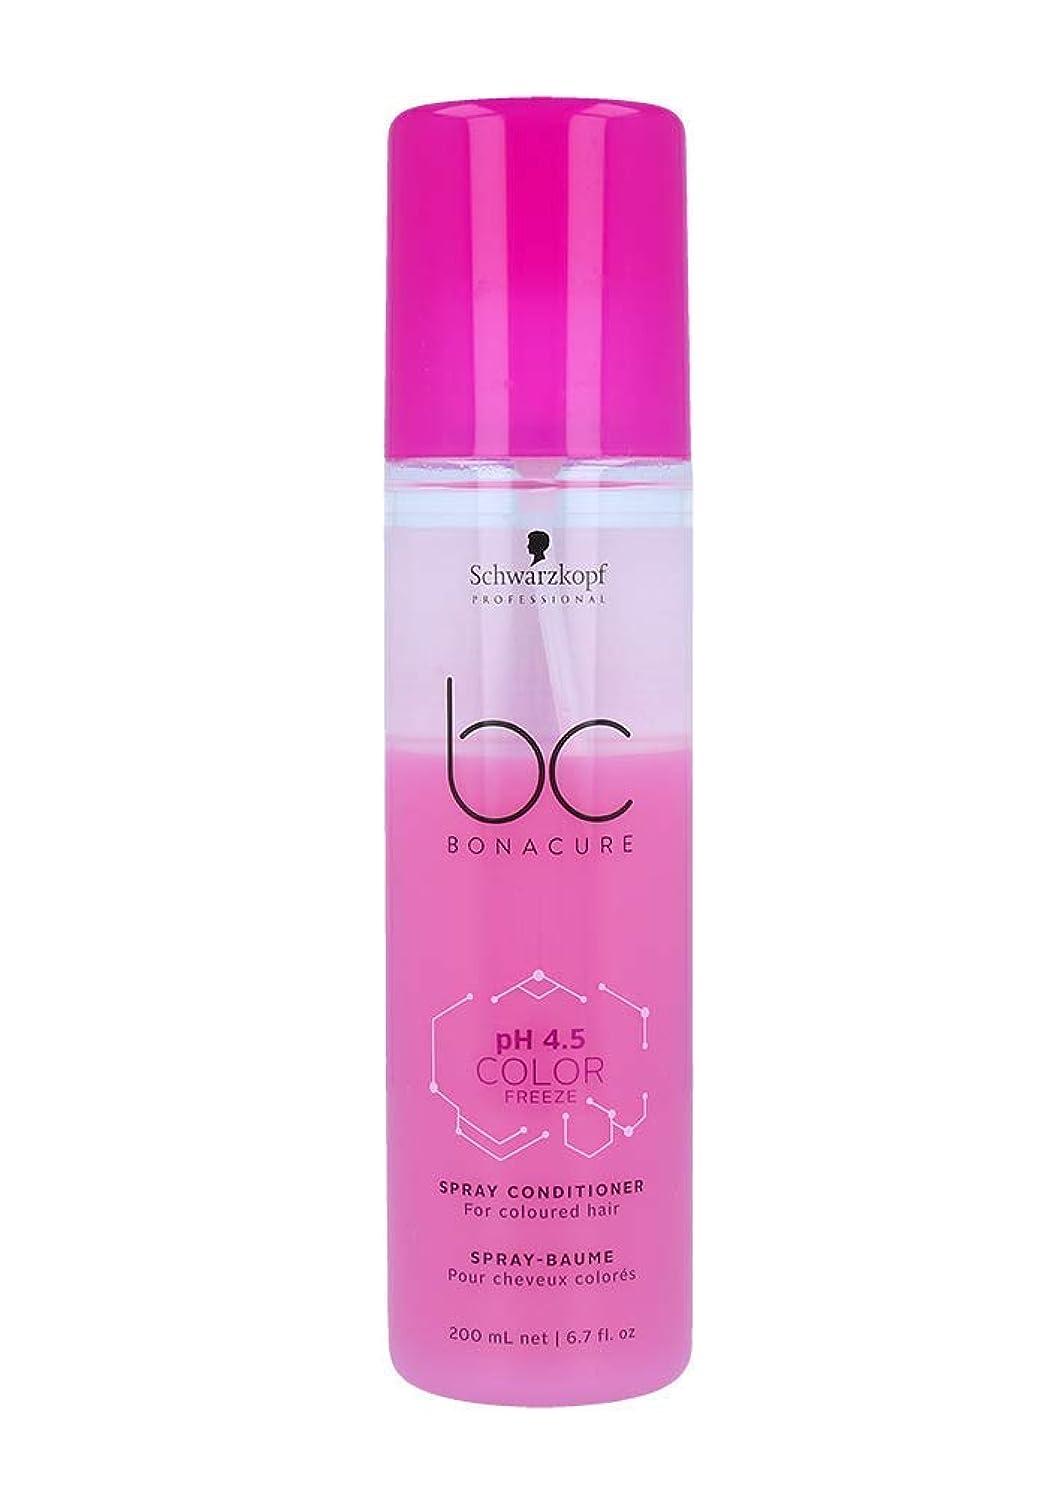 シュワルツコフ BC pH 4.5 カラー フリーズ スプレー コンディショナー Schwarzkopf BC Bonacure pH 4.5 Color Freeze Spray Conditioner For Coloured Hair 200 ml [並行輸入品]